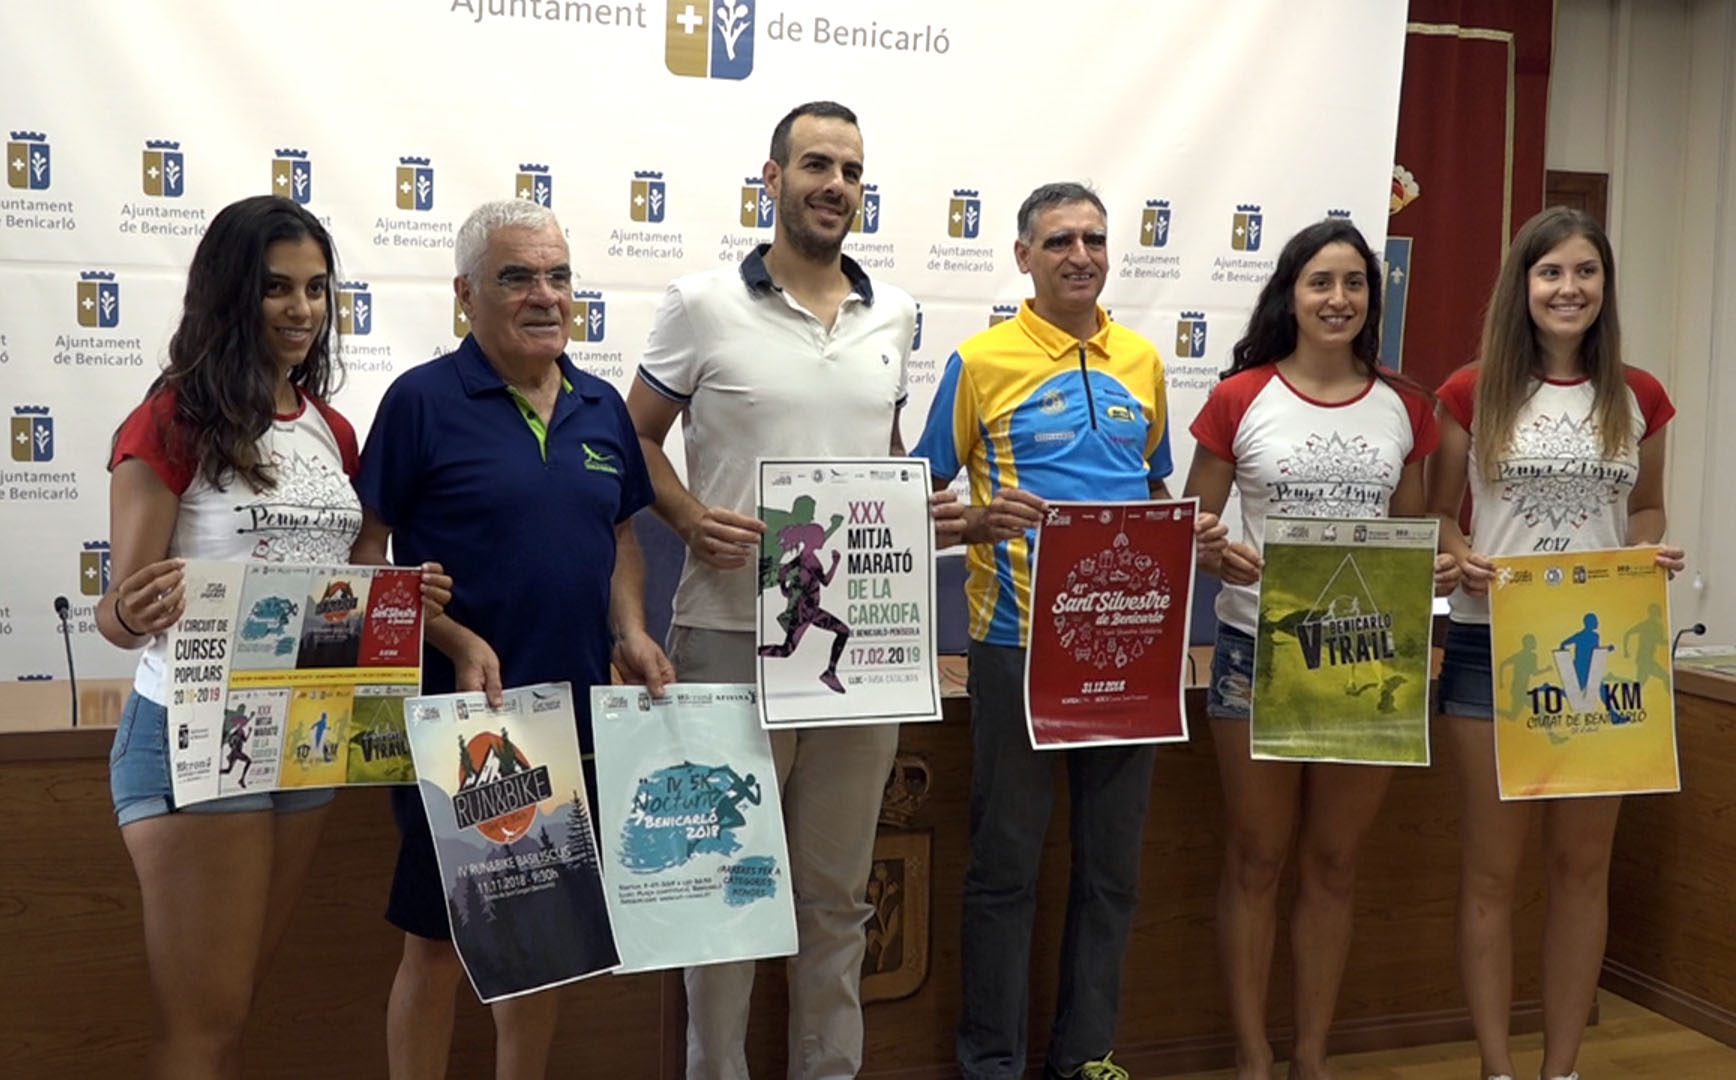 Benicarló presenta la 5a edició del Circuit de Curses Populars